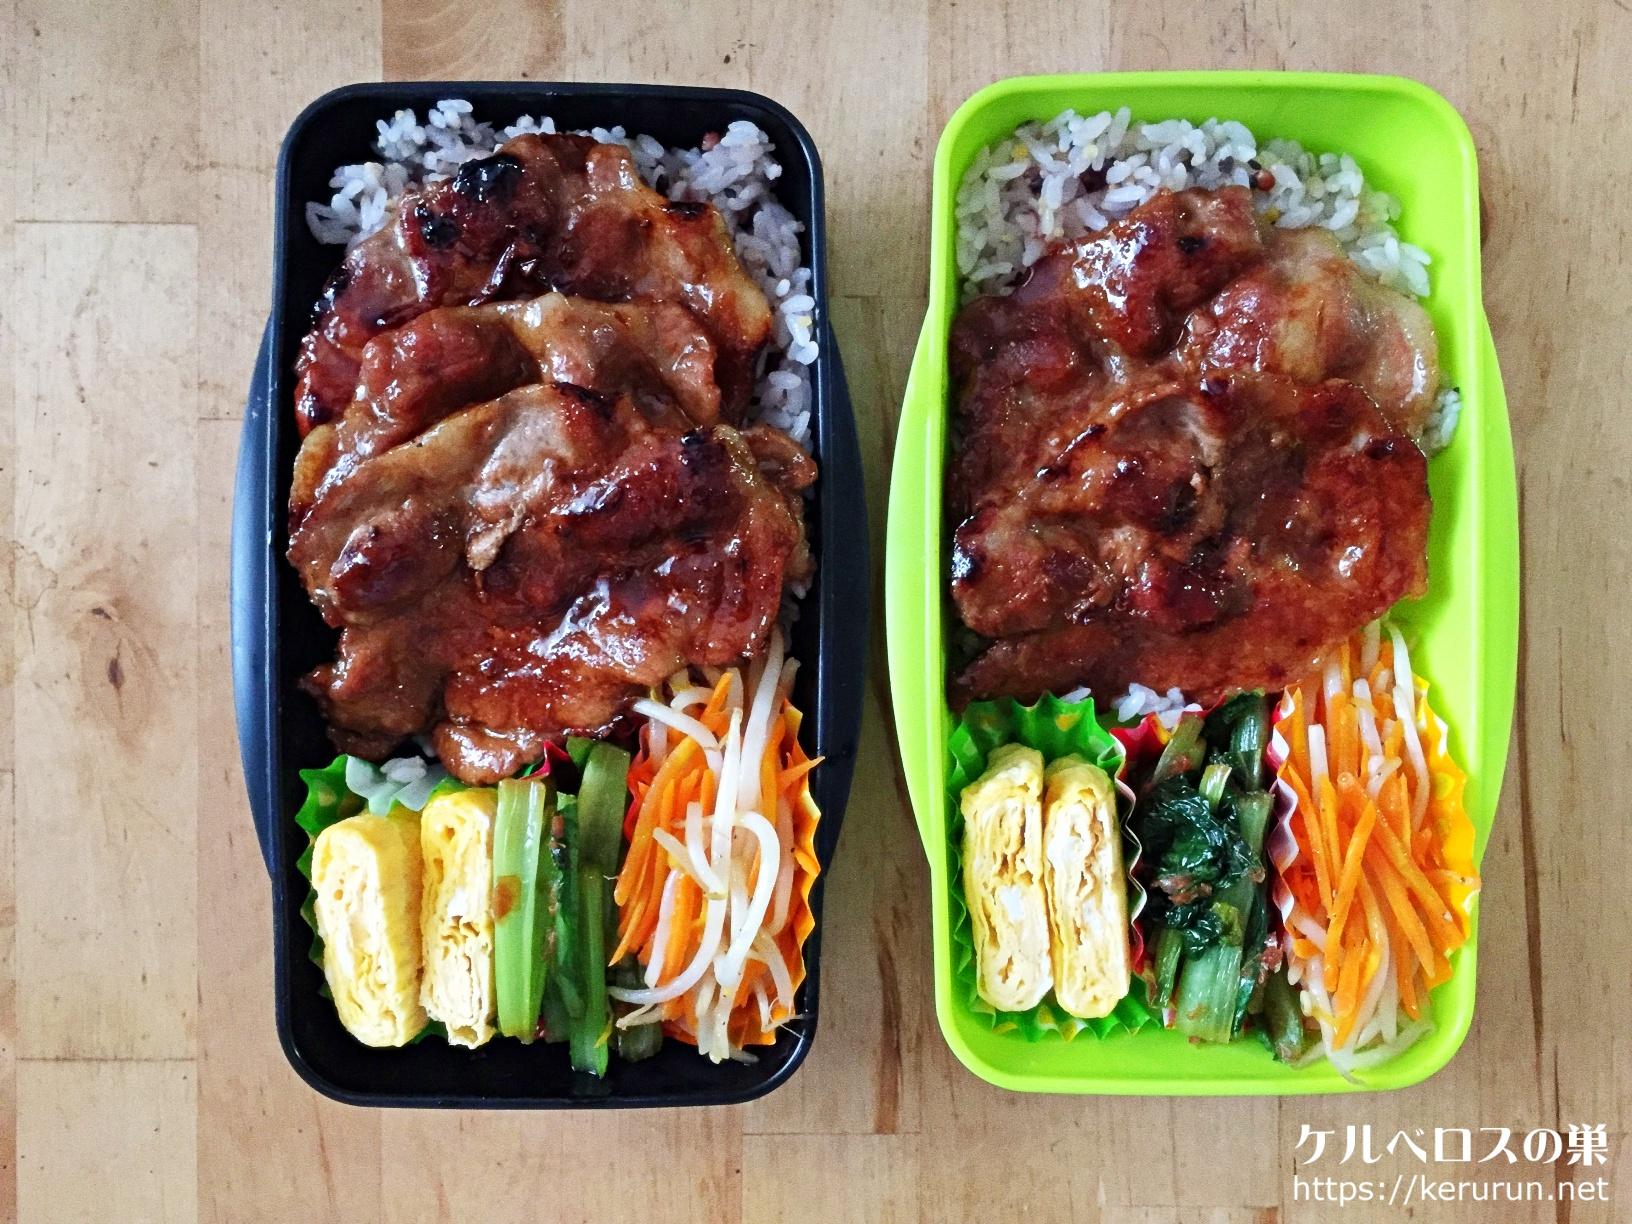 「十勝豚丼のたれ」で作る豚丼弁当